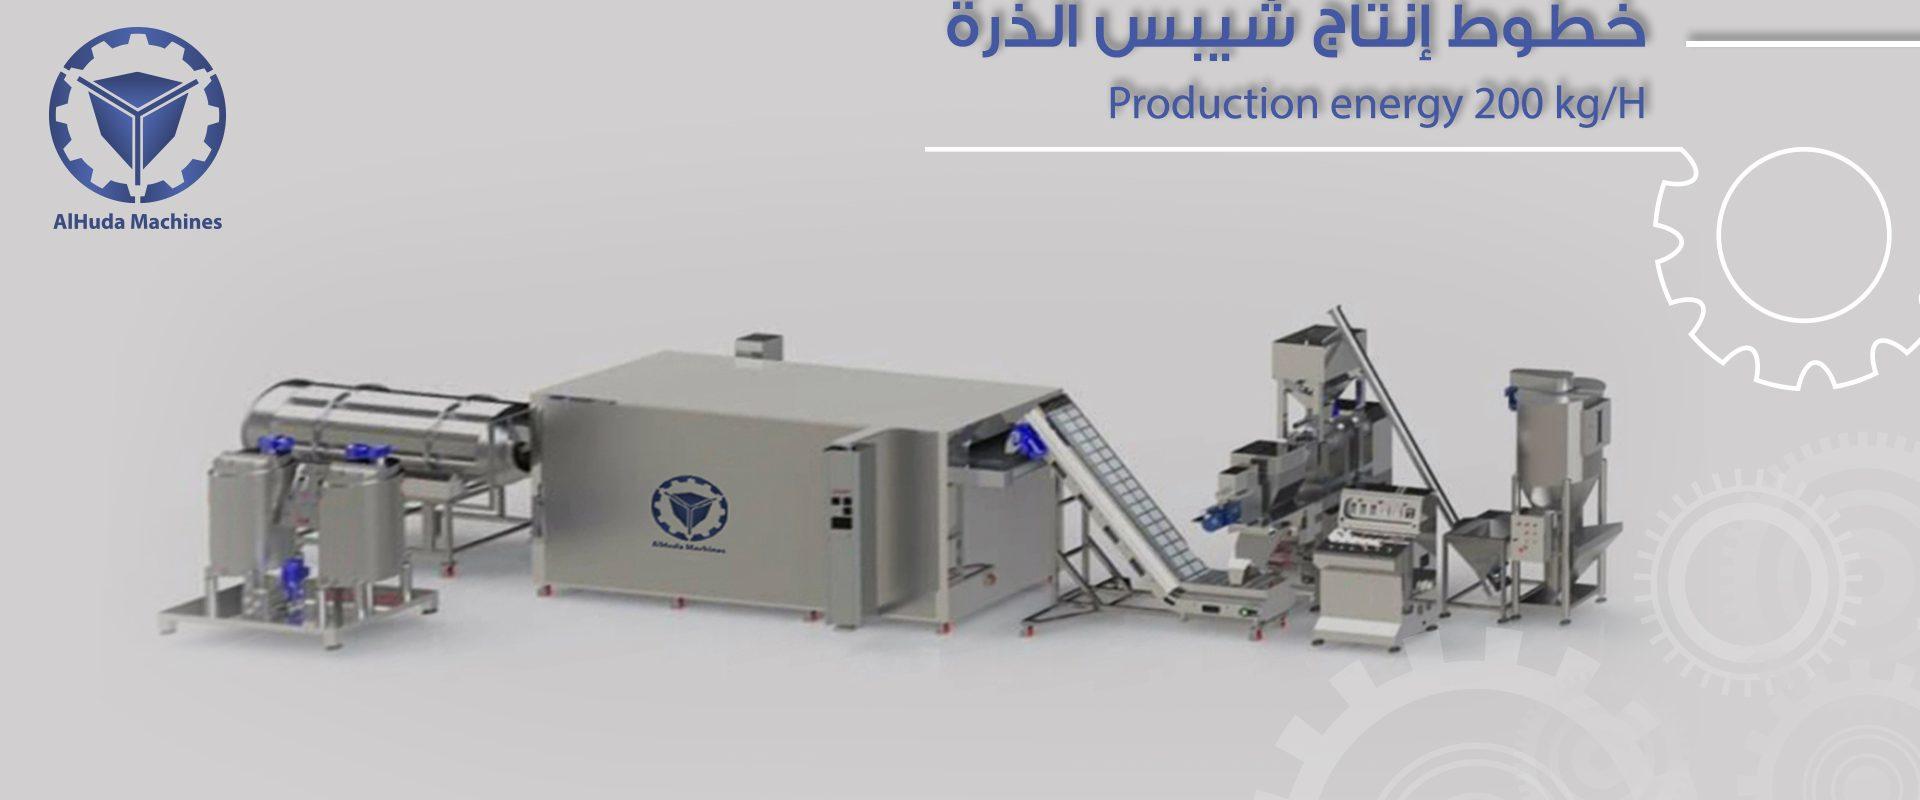 شيبس الذرة الطاقة الإنتاجية 200